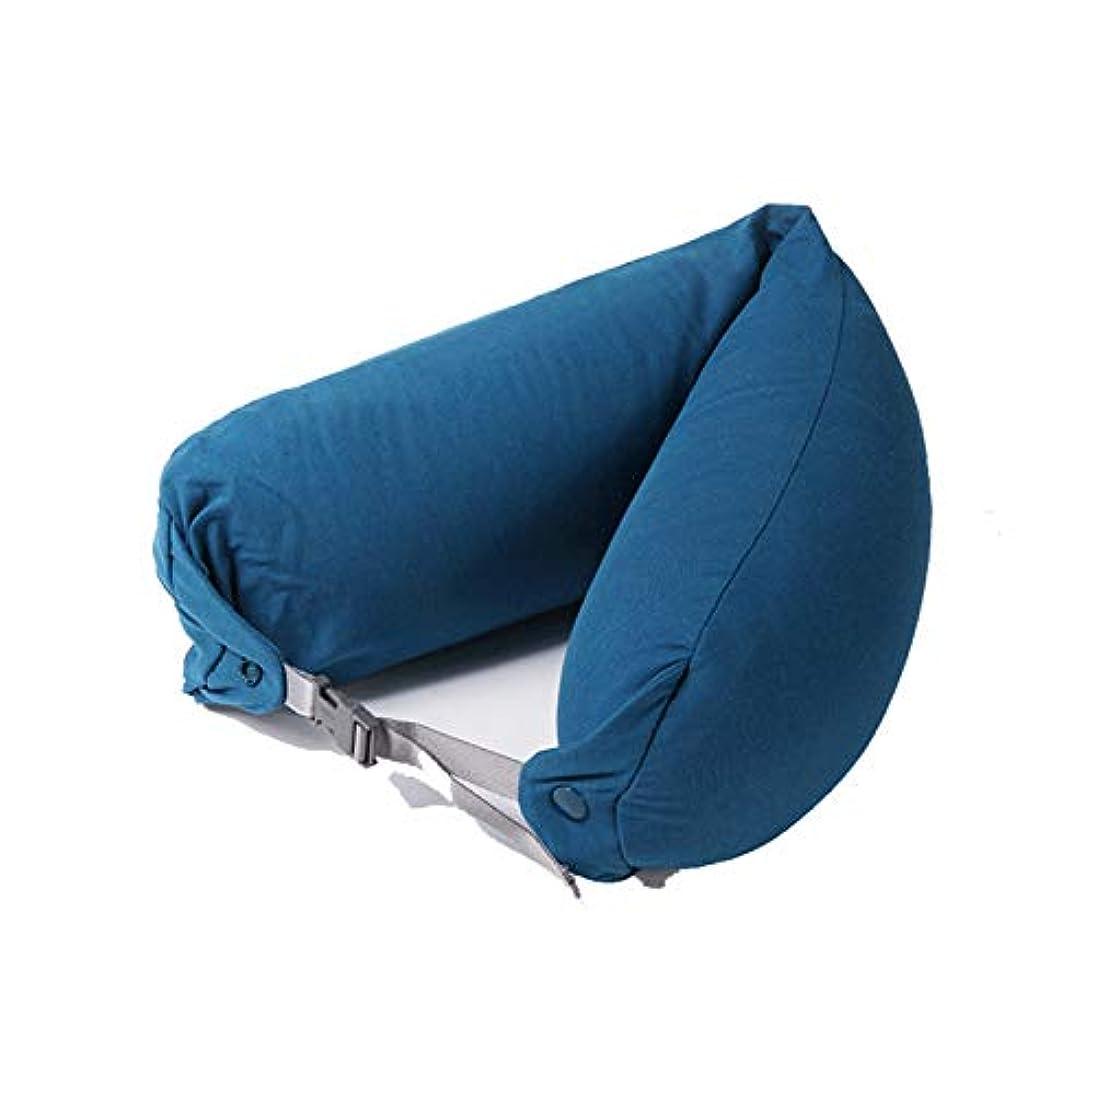 アカデミー湿地排泄するSMART ホームオフィス背もたれ椅子腰椎クッションカーシートネック枕 3D 低反発サポートバックマッサージウエストレスリビング枕 クッション 椅子